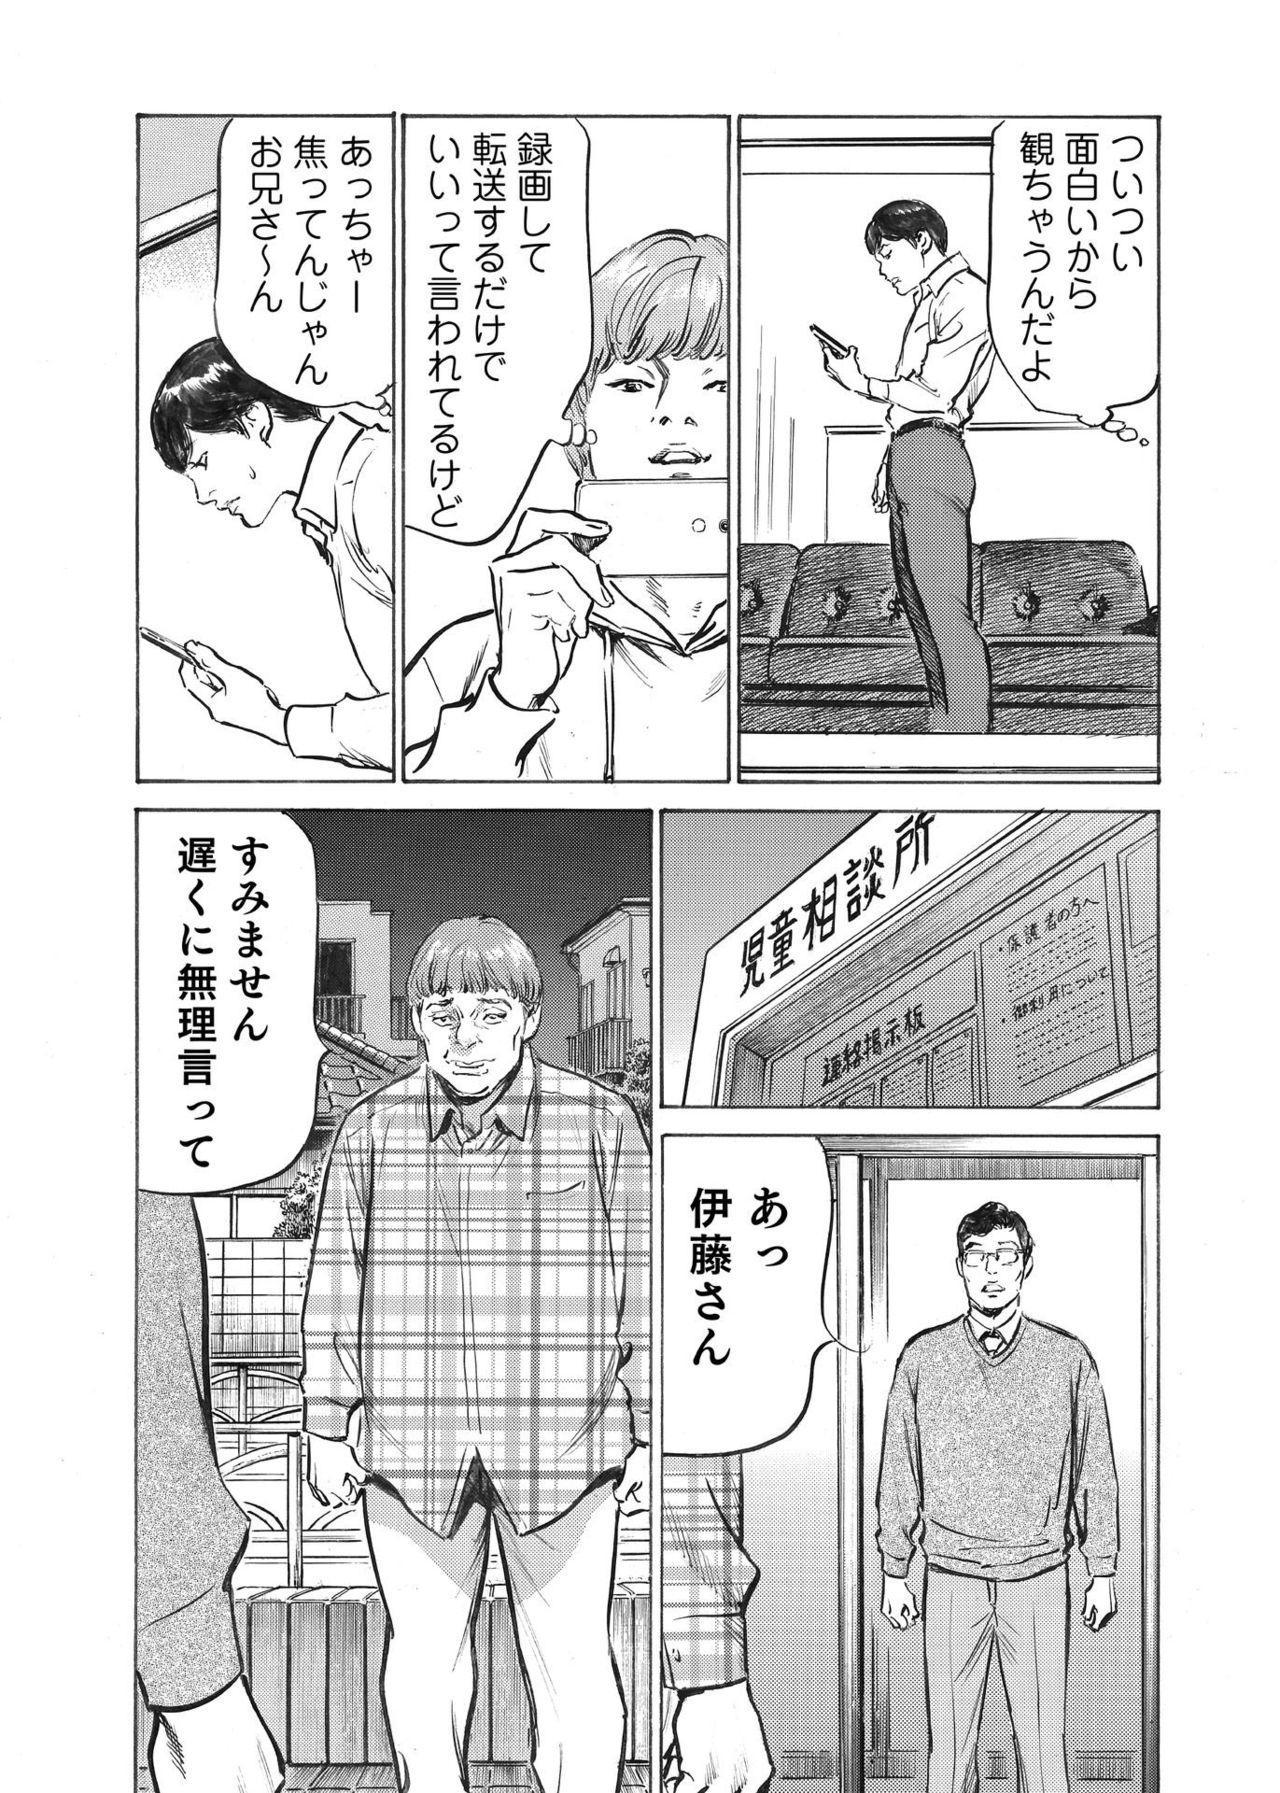 Ore wa Tsuma no Koto o Yoku Shiranai 1-9 139